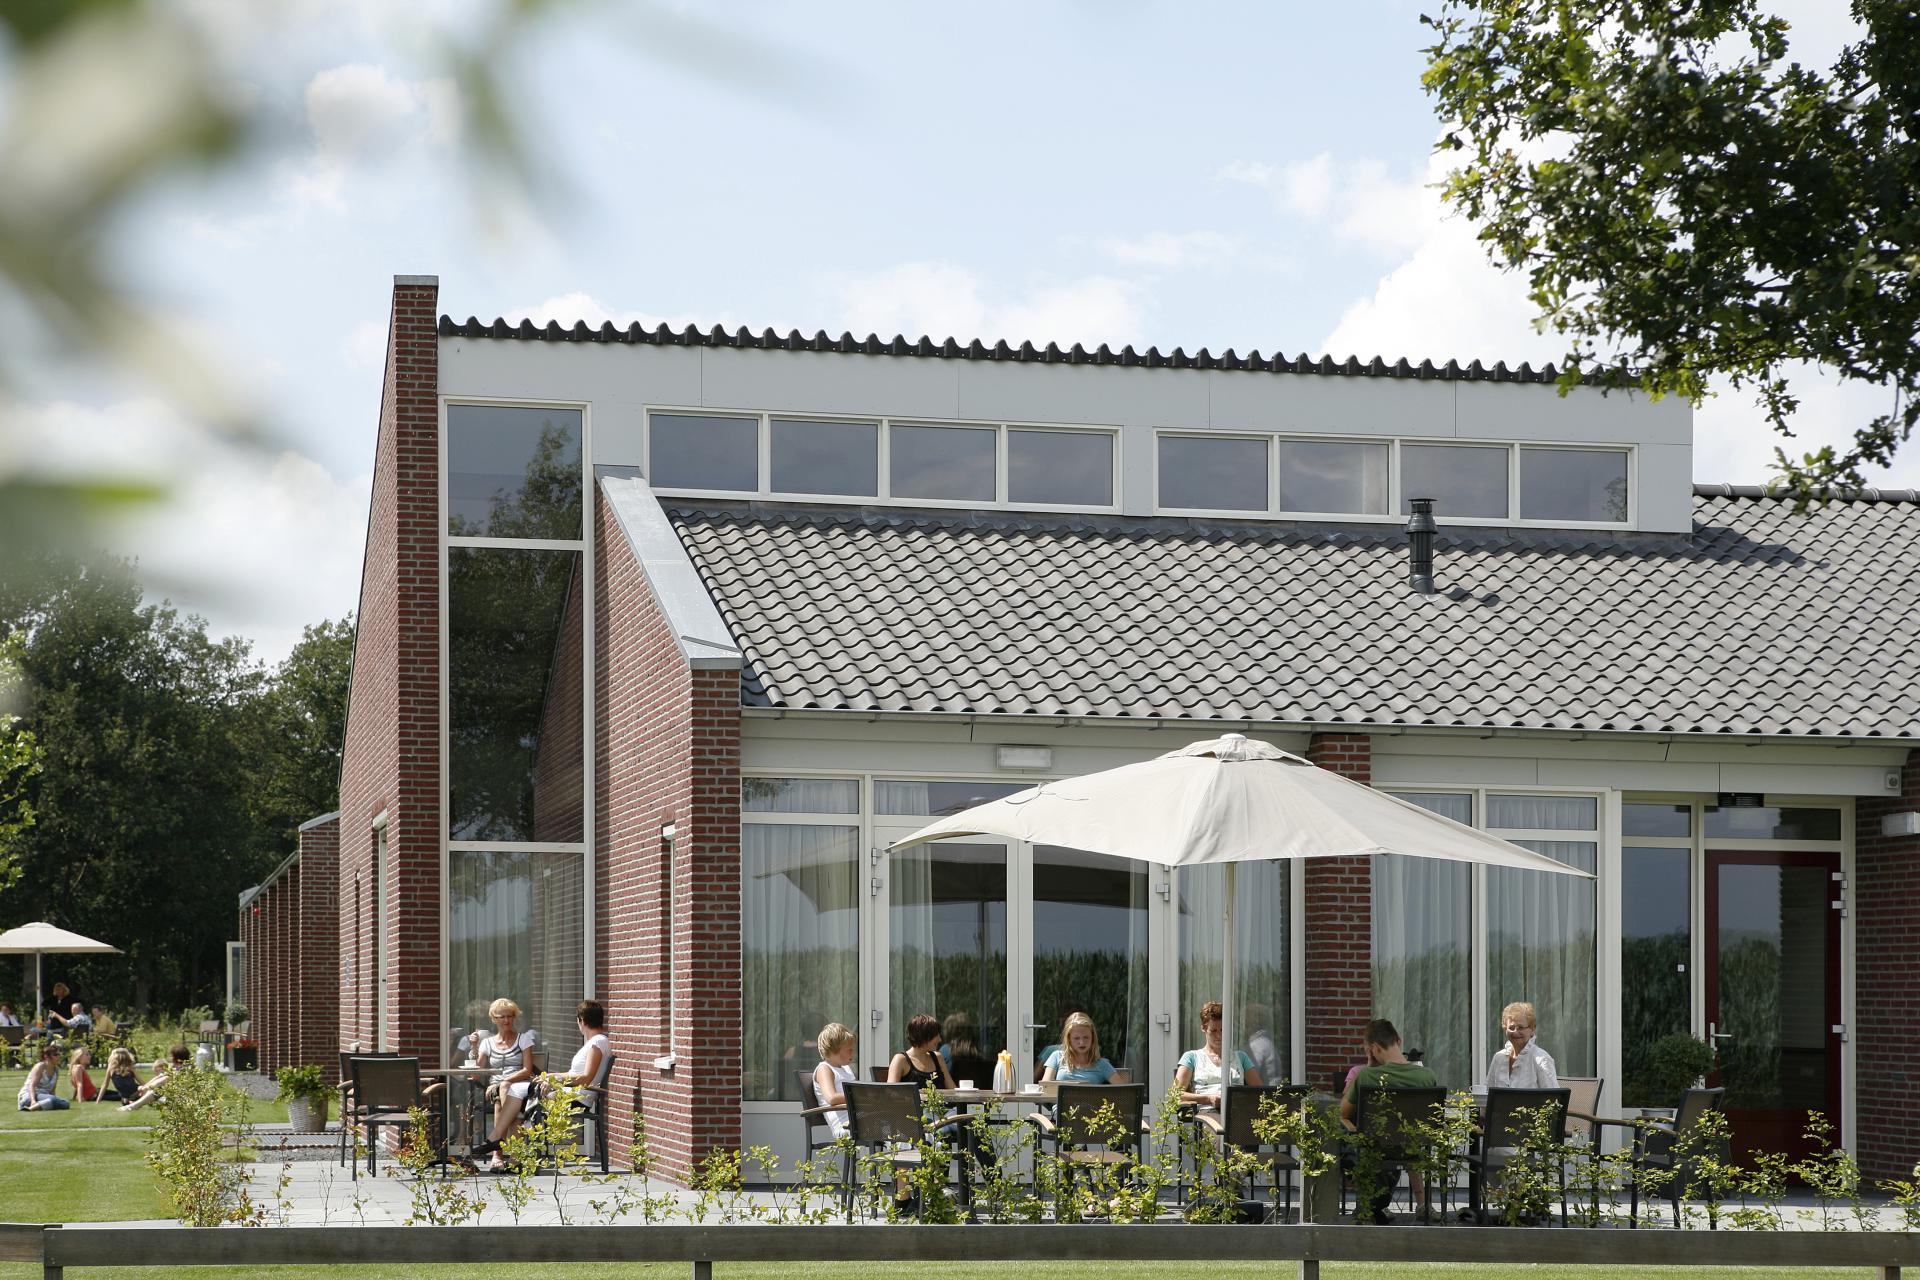 De Buitenhorst Schaijk - De Bonte Koe